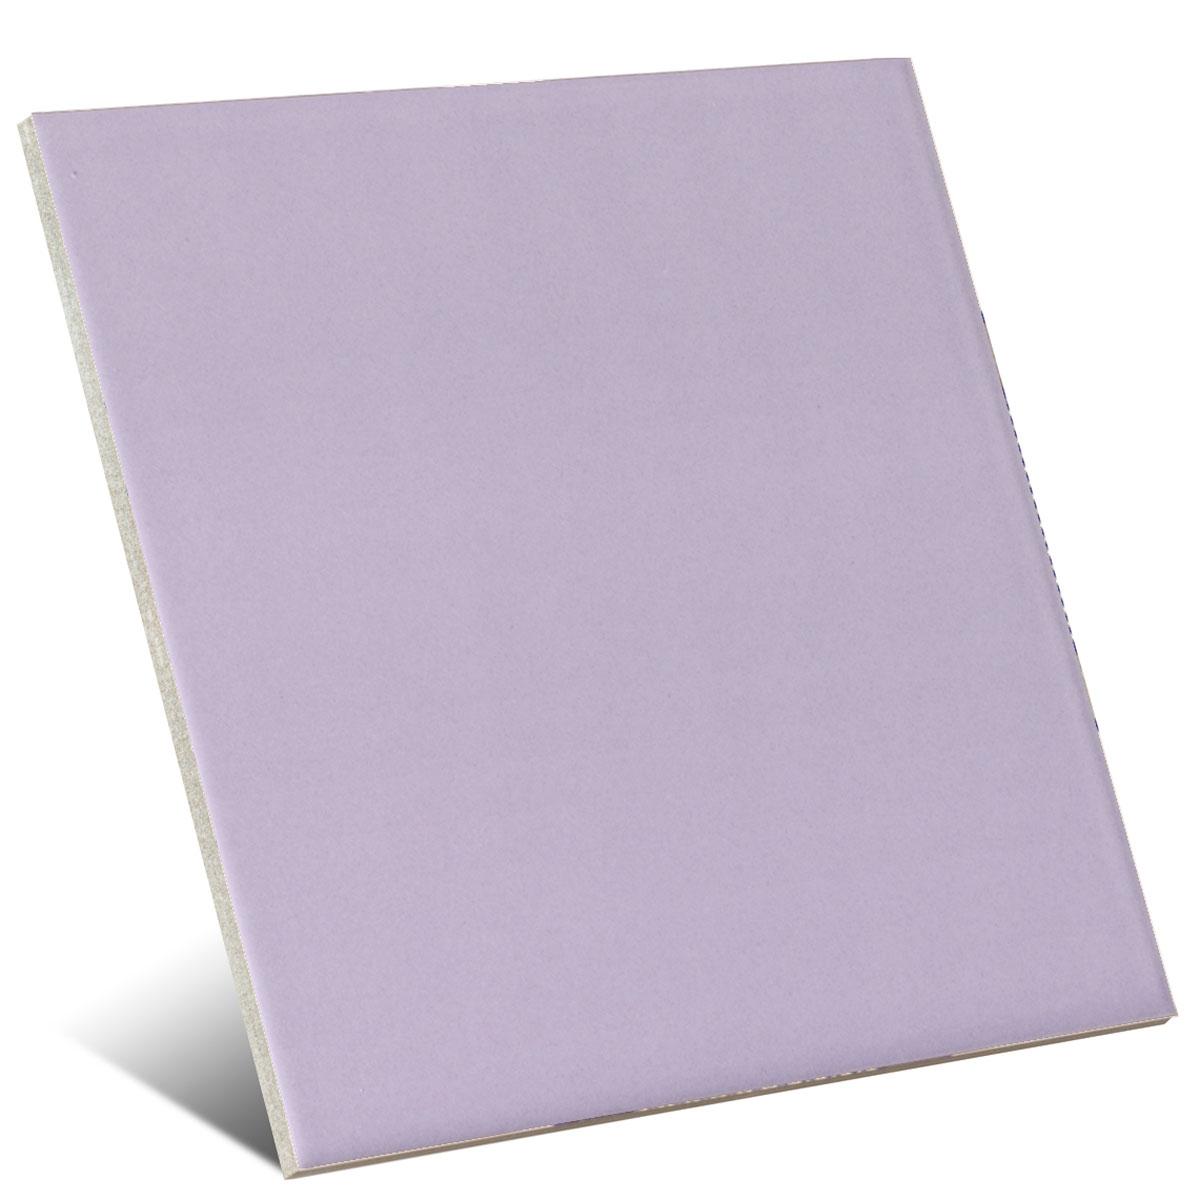 Color violeta mate 20x20 cm (caja 1 m2)